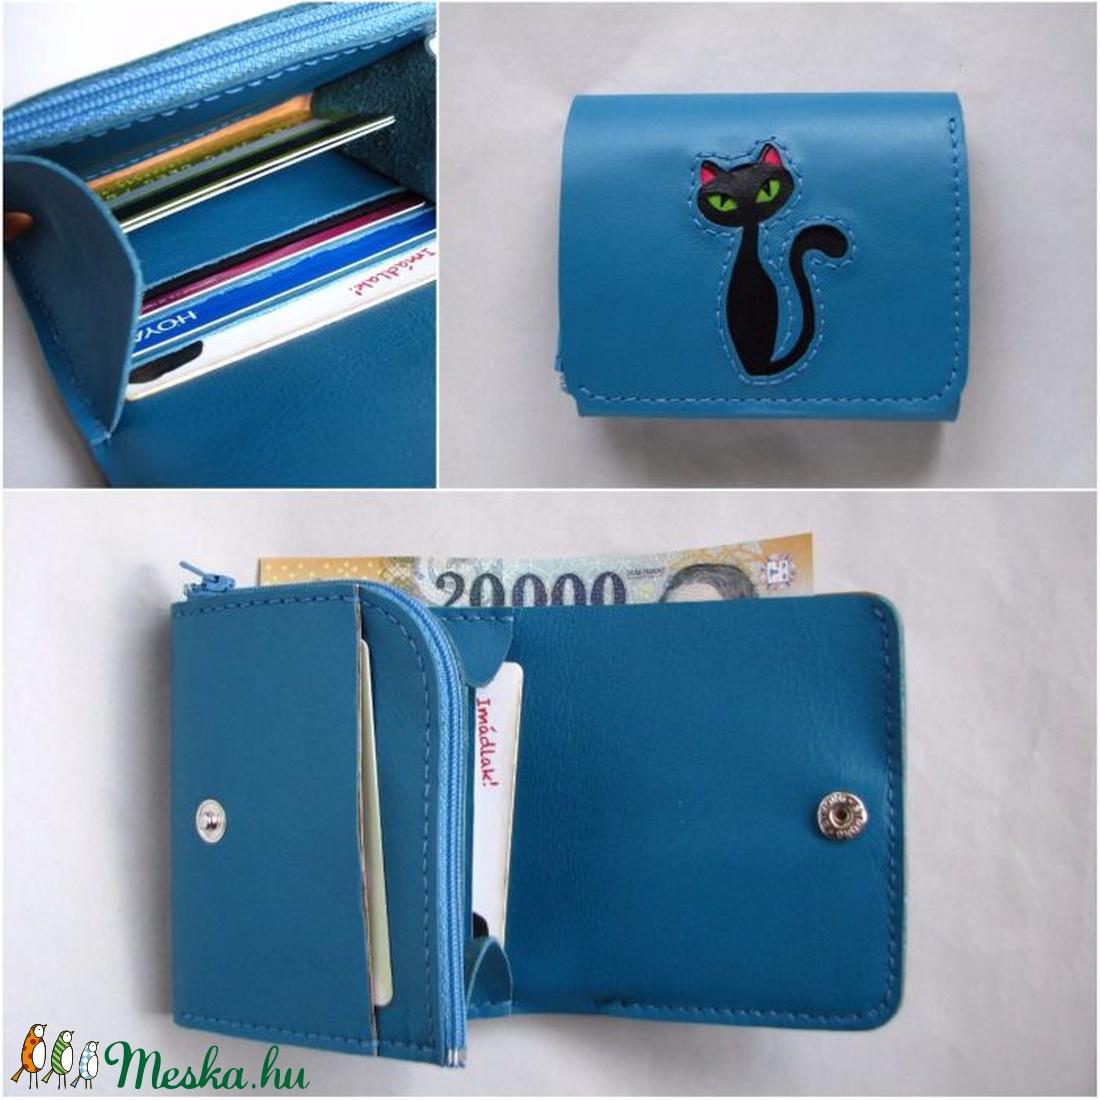 Azúrkék fekete cica mintás bőr pénztárca (Dettymoon) - Meska.hu 57ba69ccab